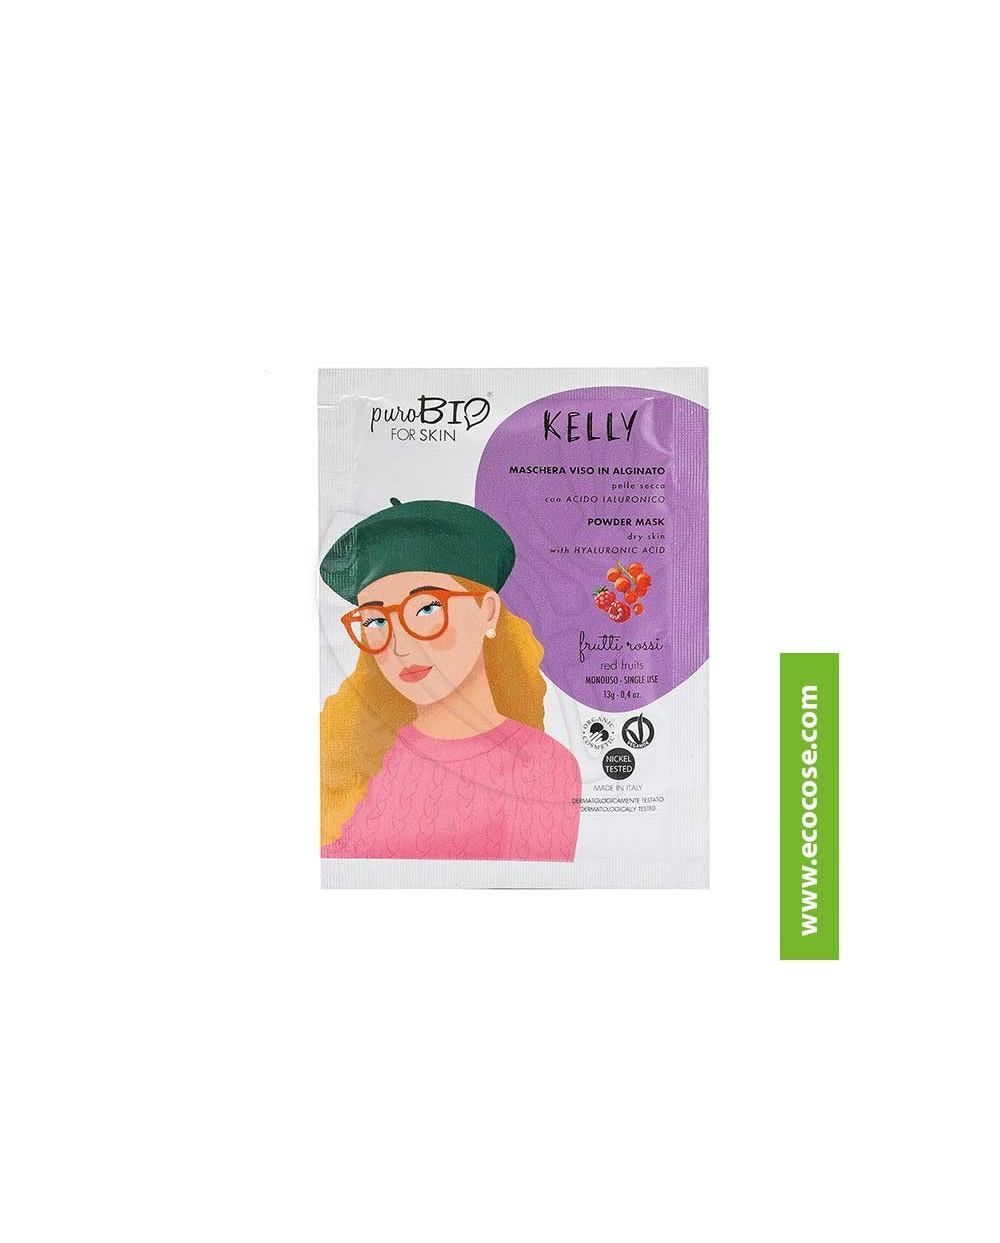 PuroBIO for skin - KELLY - Maschera viso in alginato - 07 Frutti rossi